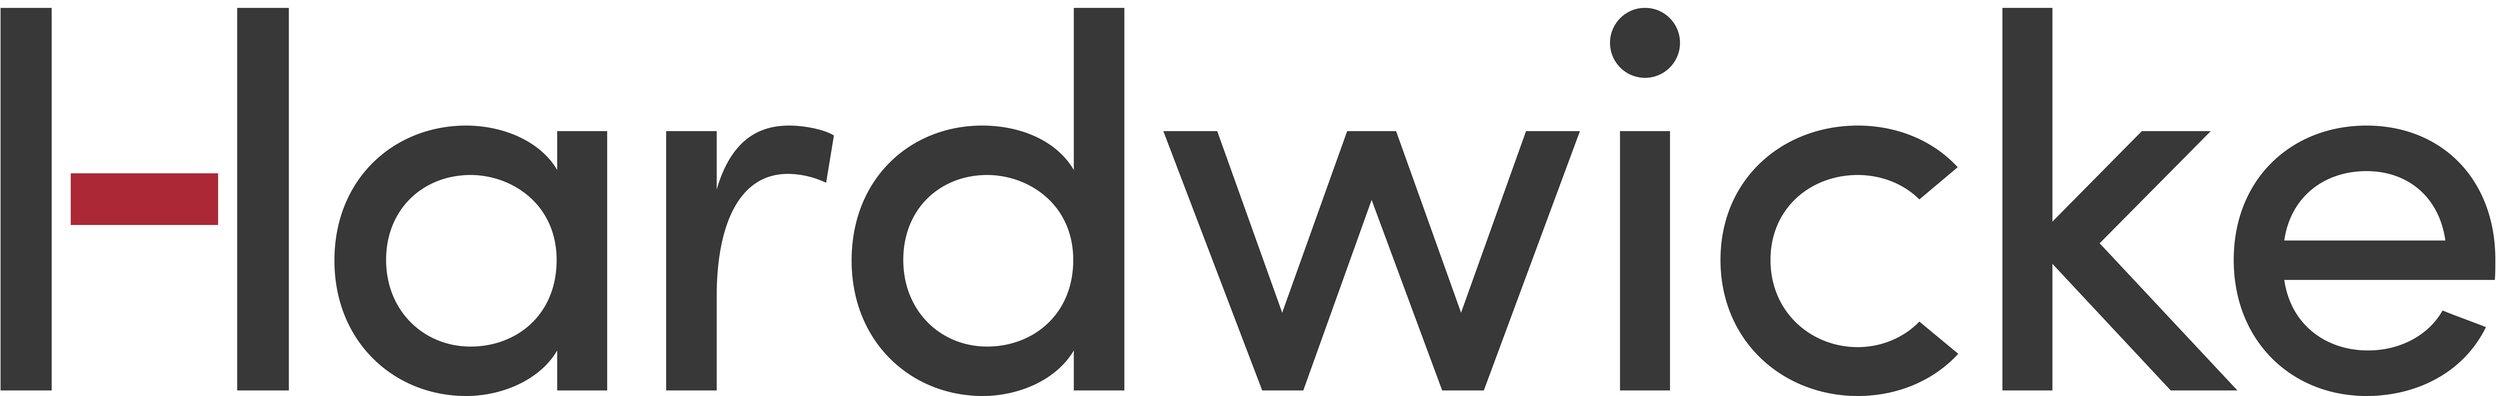 Hardwicke_Logo_CMYK.jpg